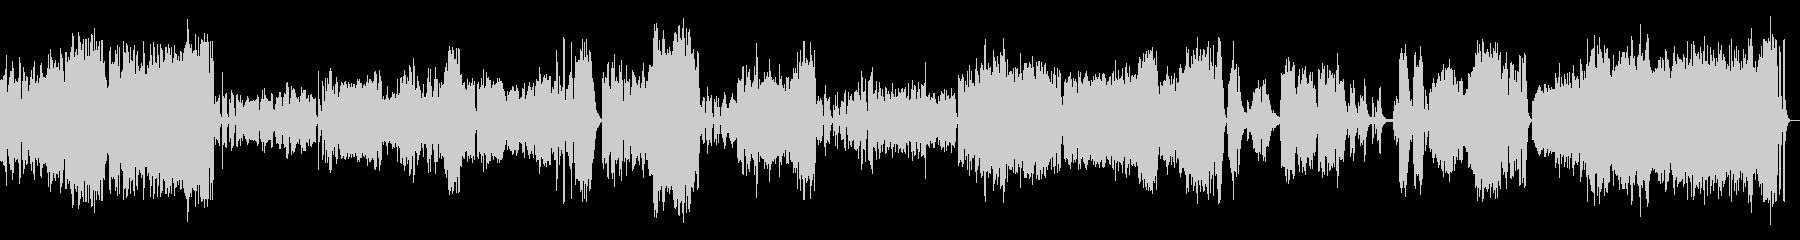 ピアノ協奏曲3楽章(オーケストラ)の未再生の波形